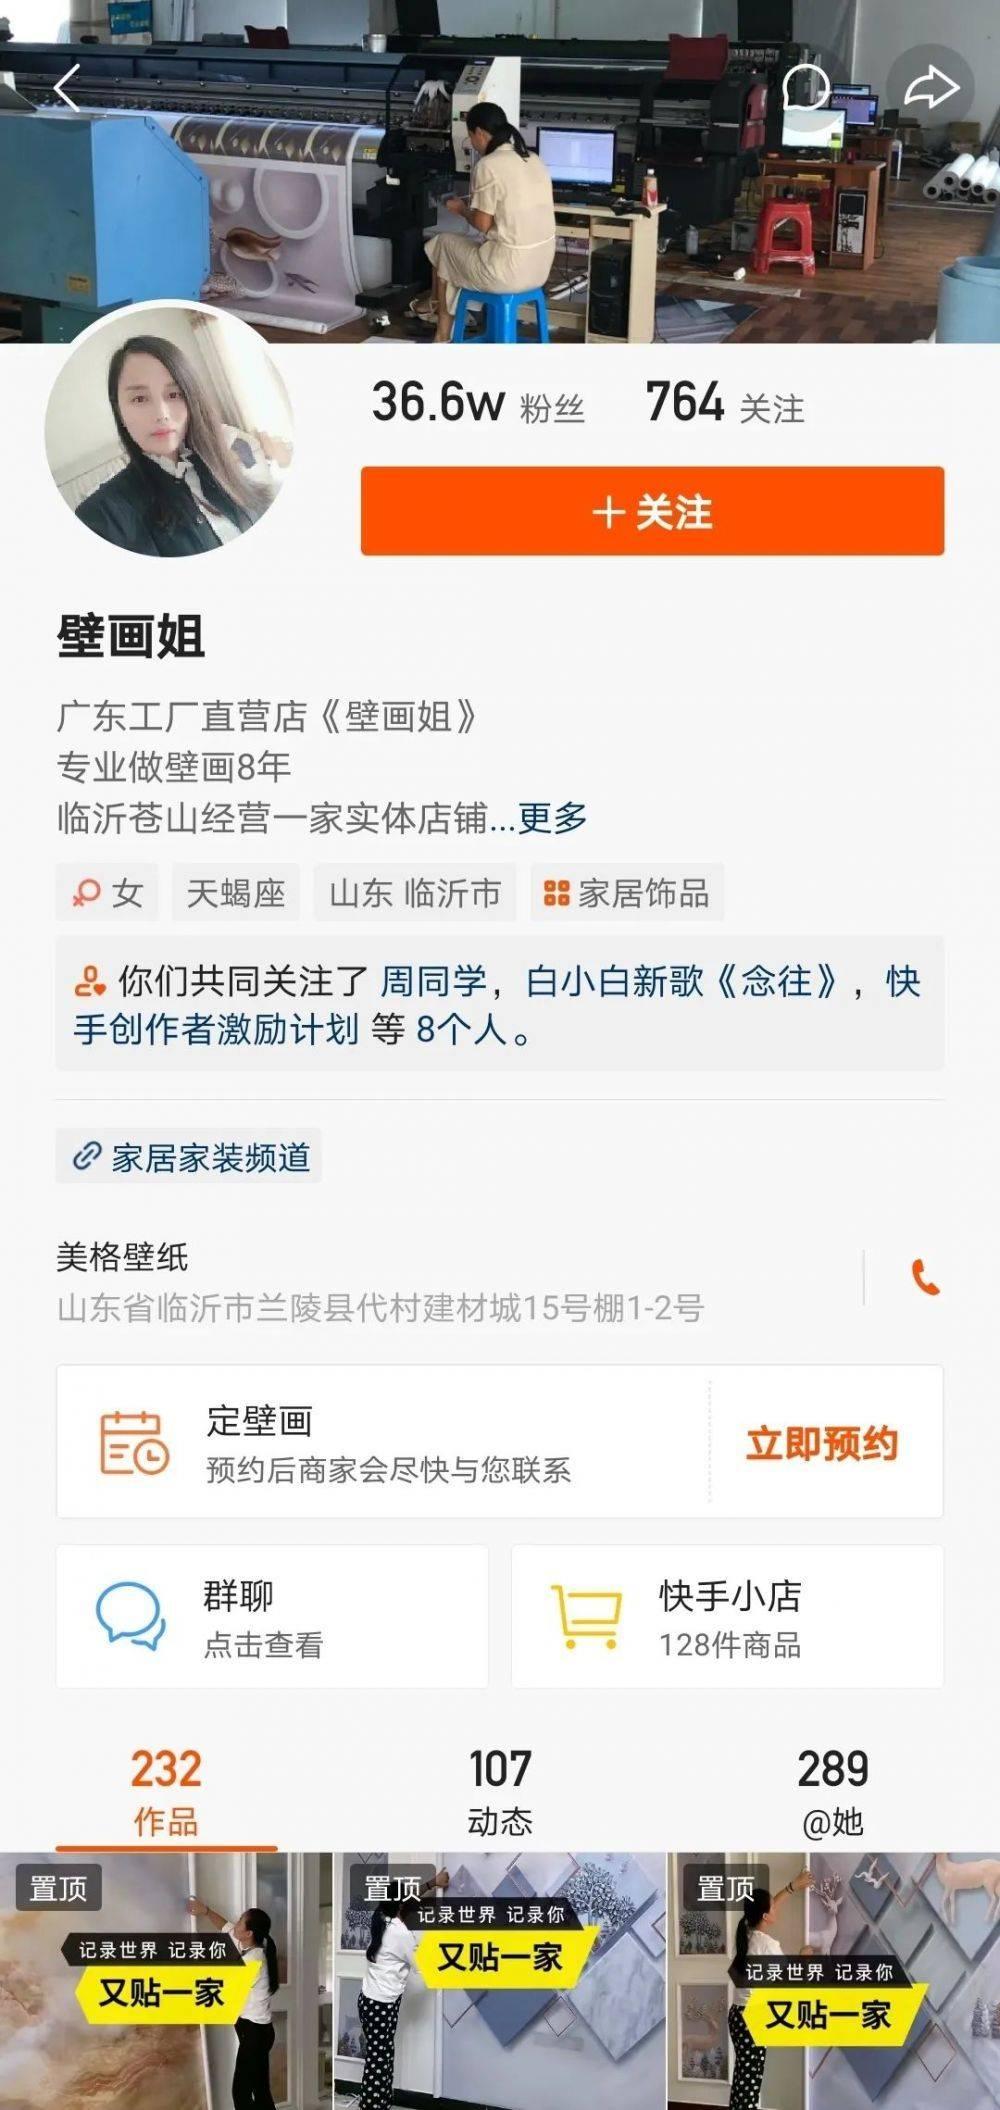 临沂,快手上的一座商家生意城-第6张图片-周小辉<a href='https://www.zhouxiaohui.cn/duanshipin/'>短视频</a>培训博客